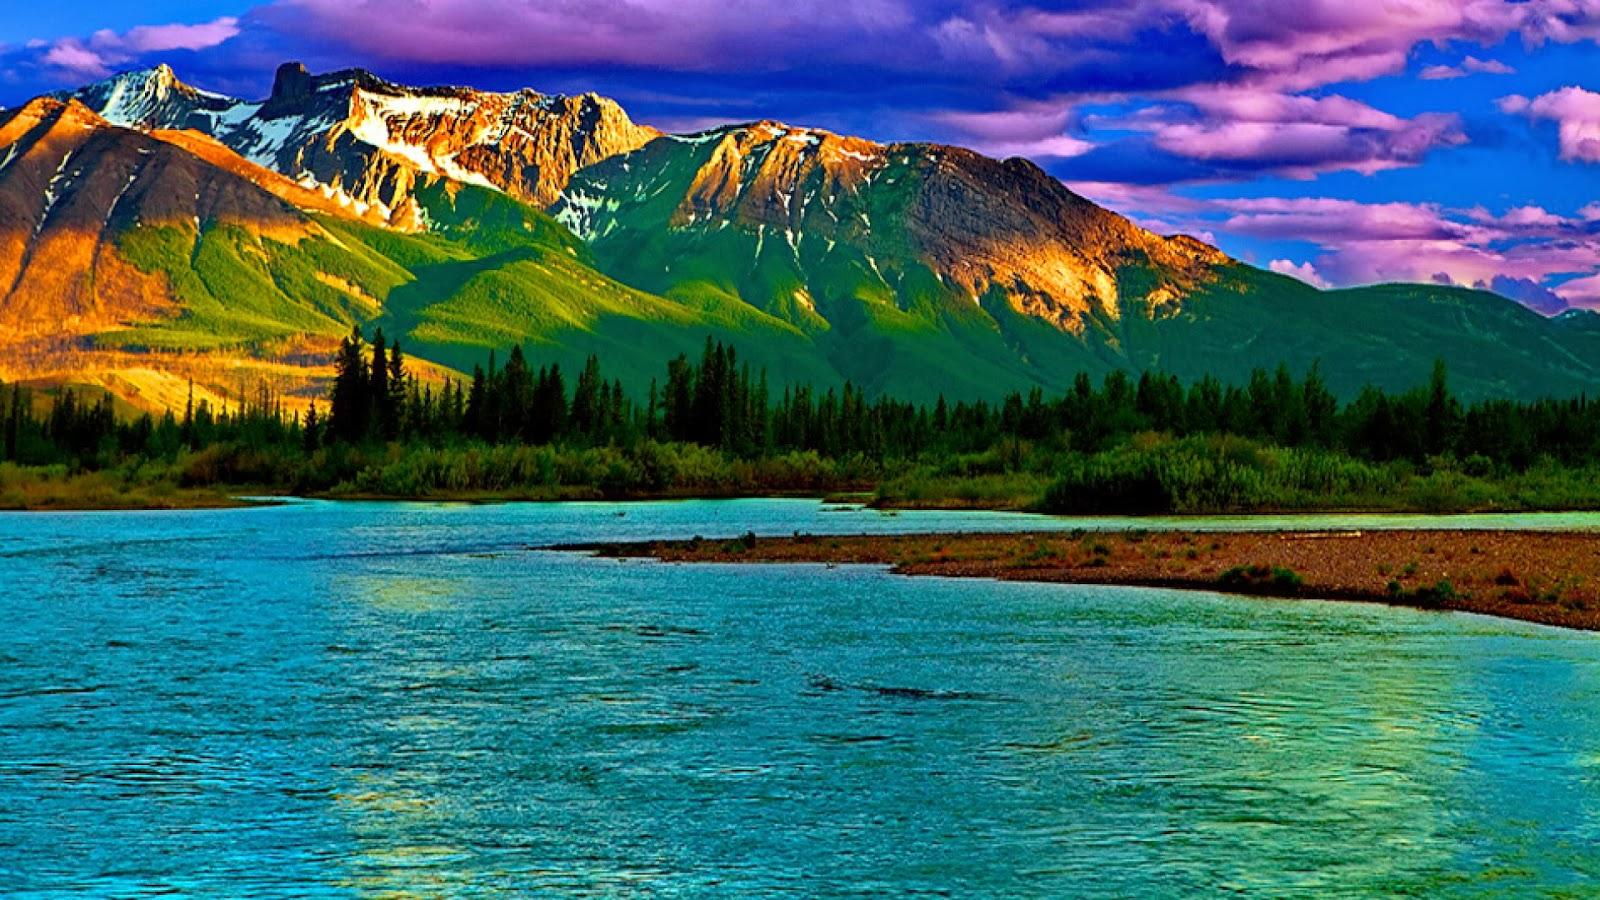 بالصور صور مناظر جميله , جمال الطبيعة فى صورة 2564 16